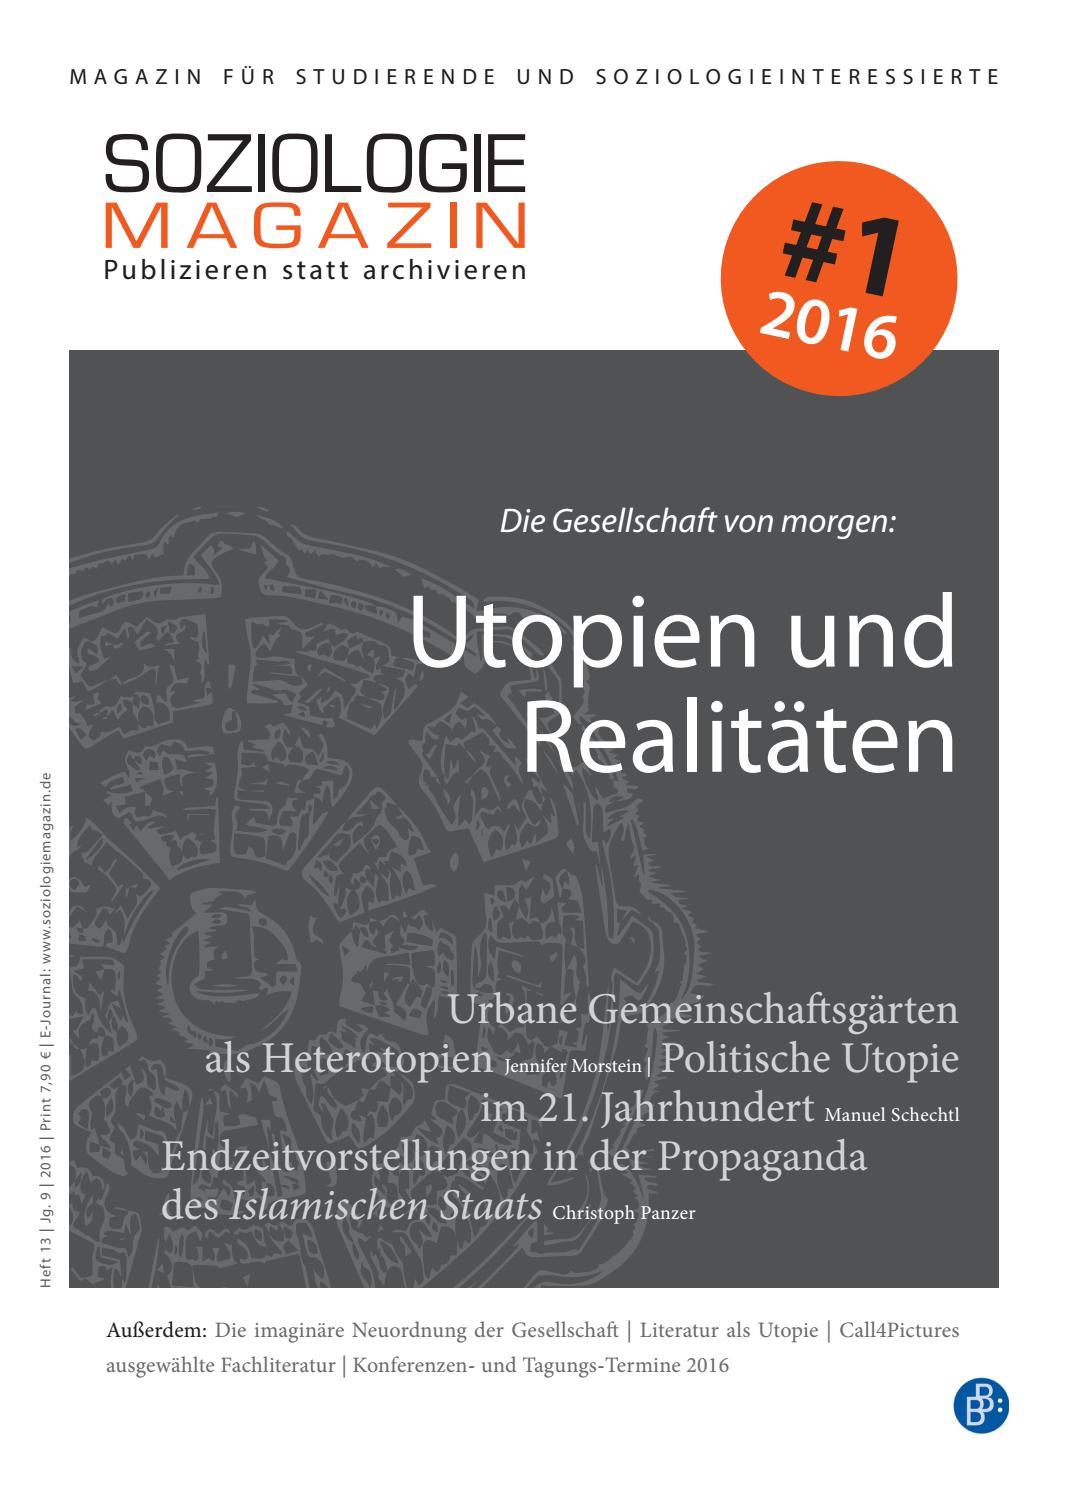 Pdf Review Of Geschichte Der Utopie Eine 14